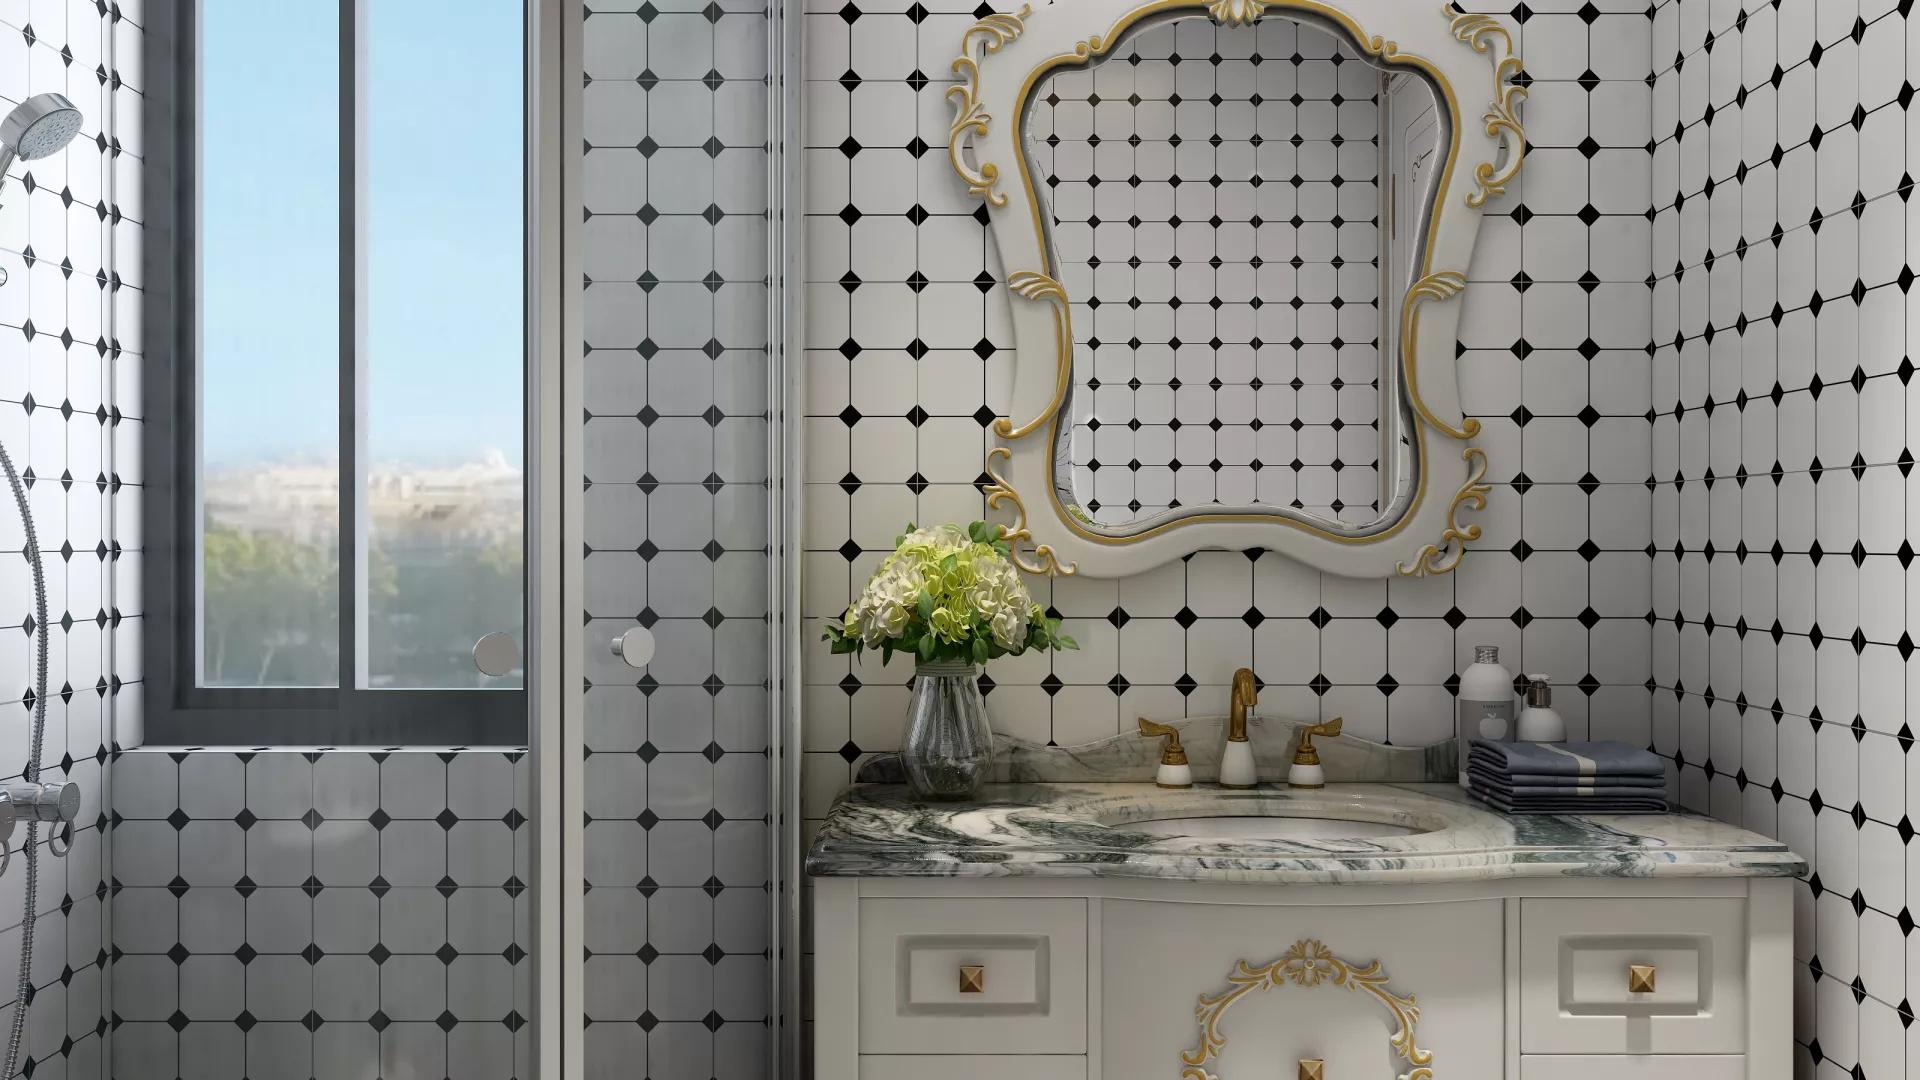 隔断墙设计常识你知道多少? 客厅隔断墙效果图